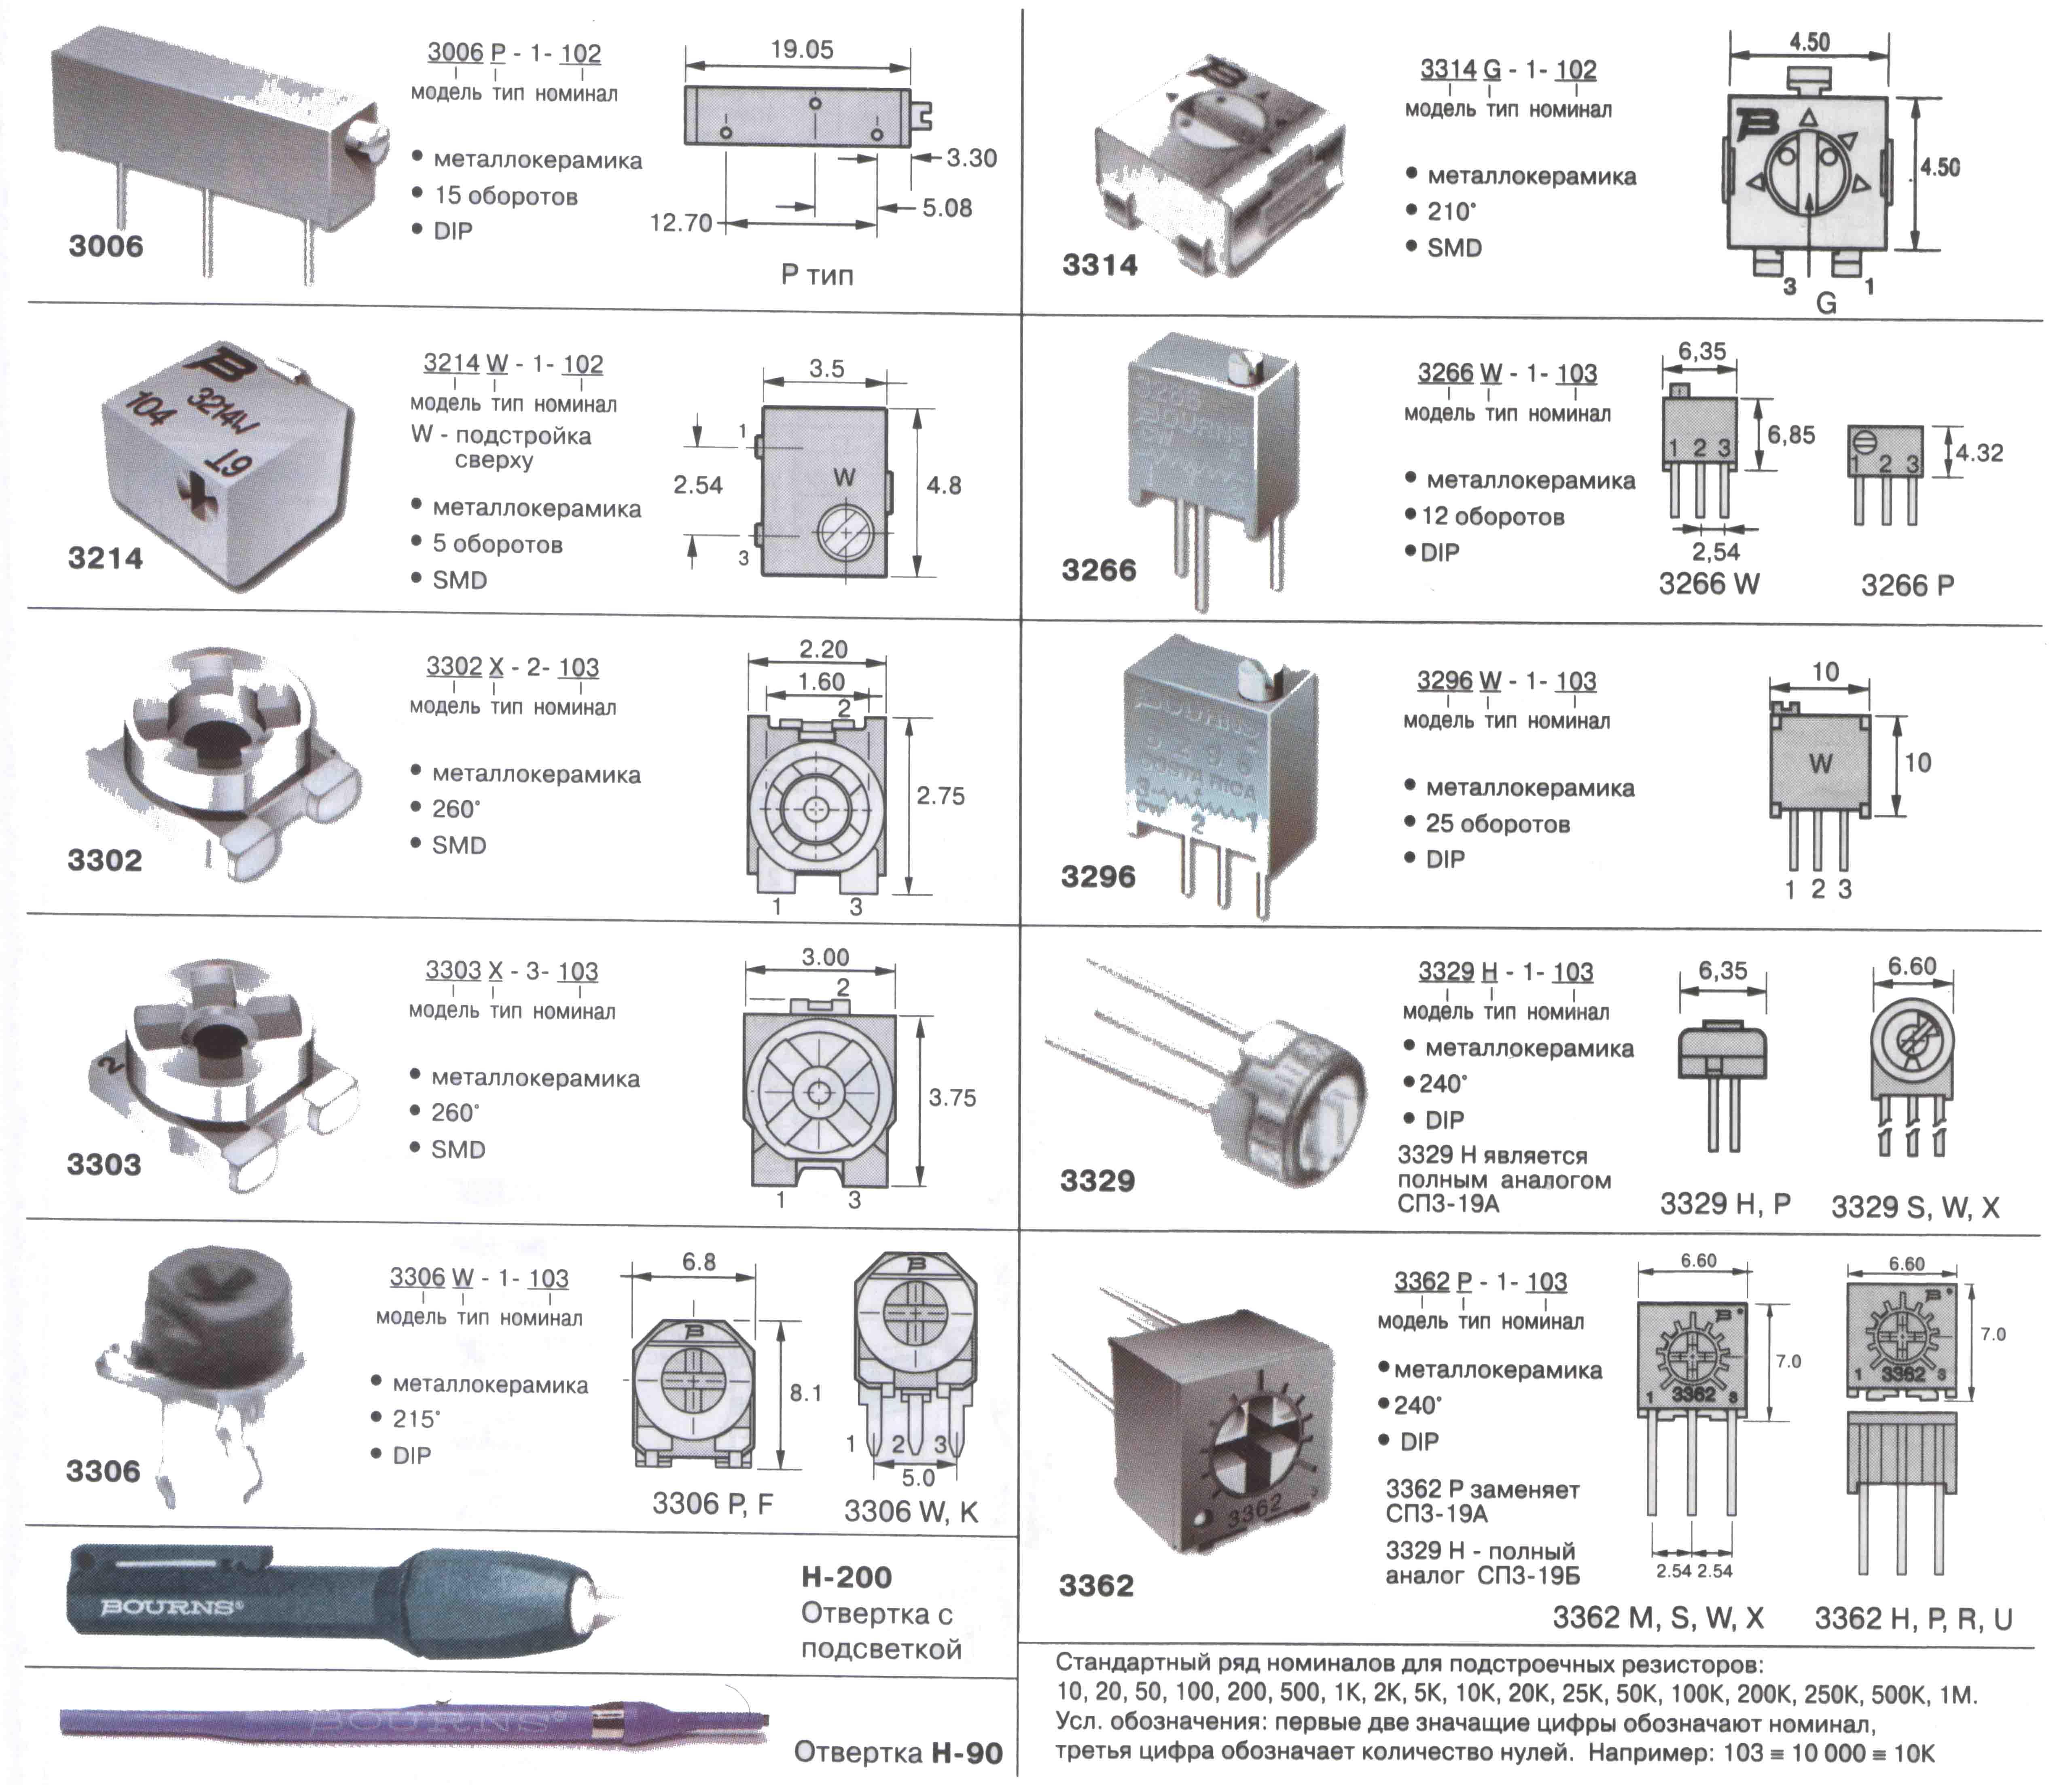 Маркировка резисторов